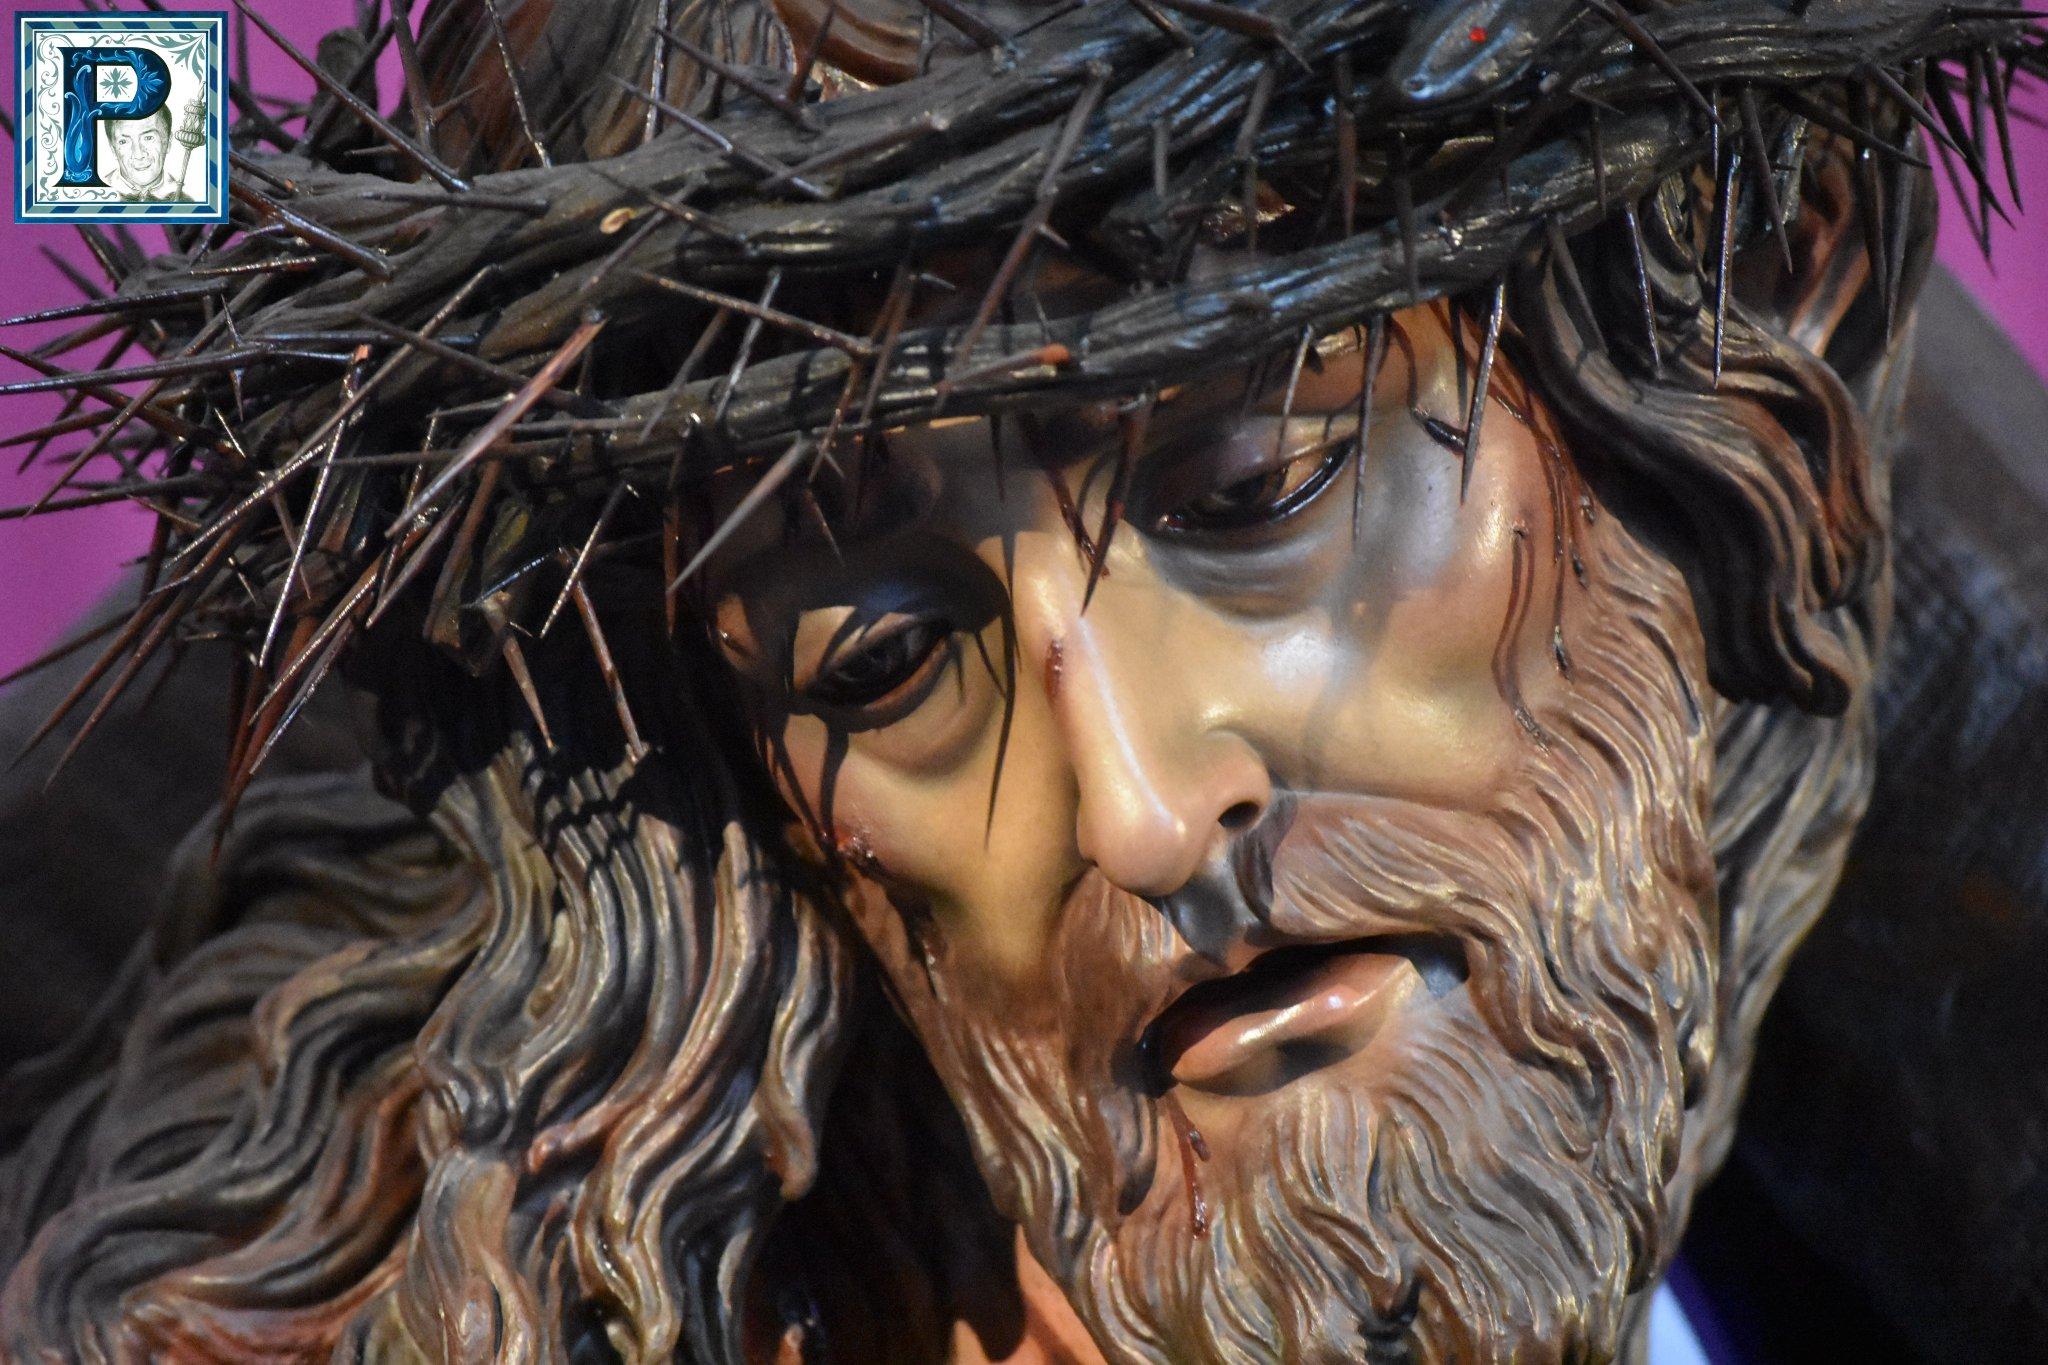 La Misión aprueba su incorporación a la nómina de hermandades que van a la Catedral